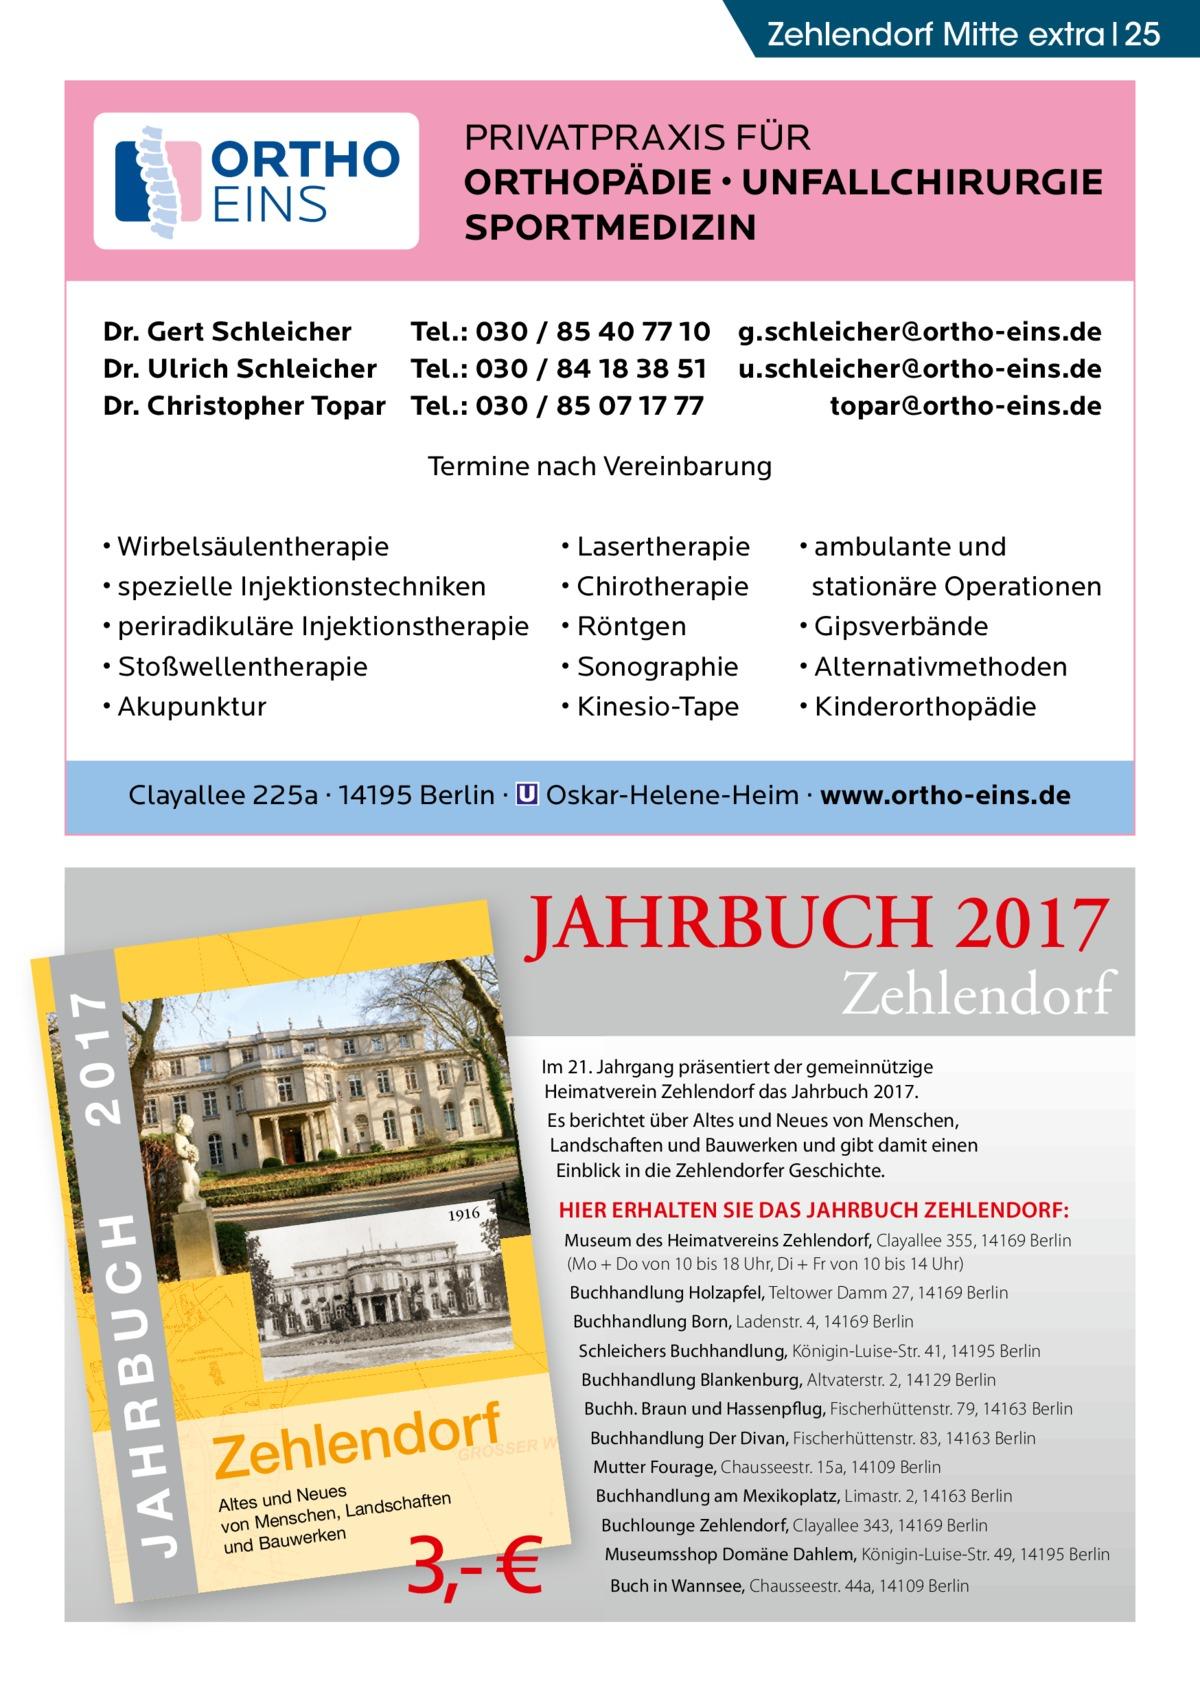 Zehlendorf Mitte extra 25  PRIVATPRAXIS FÜR ORTHOPÄDIE • UNFALLCHIRURGIE SPORTMEDIZIN Dr. Gert Schleicher Tel.: 030 / 85 40 77 10 g.schleicher@ortho-eins.de Dr. Ulrich Schleicher Tel.: 030 / 84 18 38 51 u.schleicher@ortho-eins.de Dr. Christopher Topar Tel.: 030 / 85 07 17 77 topar@ortho-eins.de Termine nach Vereinbarung • Wirbelsäulentherapie • spezielle Injektionstechniken • periradikuläre Injektionstherapie • Stoßwellentherapie • Akupunktur  • Lasertherapie • Chirotherapie • Röntgen • Sonographie • Kinesio-Tape  • ambulante und stationäre Operationen • Gipsverbände • Alternativmethoden • Kinderorthopädie  Clayallee 225a · 14195 Berlin · � Oskar-Helene-Heim · www.ortho-eins.de  JAHRBUCH 2017  JAH  JA HR BU  H RBUC DO RF ZE HL EN  CH 20 17  2 0 17  Zehlendorf  Im 21. Jahrgang präsentiert der gemeinnützige Heimatverein Zehlendorf das Jahrbuch 2017. Es berichtet über Altes und Neues von Menschen, Landschaften und Bauwerken und gibt damit einen Einblick in die Zehlendorfer Geschichte. 1916  HIER ERHALTEN SIE DAS JAHRBUCH ZEHLENDORF: Museum des Heimatvereins Zehlendorf, Clayallee 355, 14169Berlin (Mo + Do von 10 bis 18Uhr, Di + Fr von 10 bis 14Uhr) Buchhandlung Holzapfel, Teltower Damm 27, 14169Berlin Buchhandlung Born, Ladenstr.4, 14169Berlin Schleichers Buchhandlung, Königin-Luise-Str.41, 14195Berlin  rf Zehlendo Neues n Altes und ndschafte schen, La von Men n ke er und Bauw  3,- €  Buchhandlung Blankenburg, Altvaterstr.2, 14129Berlin Buchh. Braun und Hassenpflug, Fischerhüttenstr.79, 14163Berlin Buchhandlung Der Divan, Fischerhüttenstr.83, 14163Berlin Mutter Fourage, Chausseestr.15a, 14109Berlin Buchhandlung am Mexikoplatz, Limastr.2, 14163Berlin Buchlounge Zehlendorf, Clayallee 343, 14169Berlin Museumsshop Domäne Dahlem, Königin-Luise-Str.49, 14195Berlin Buch in Wannsee, Chausseestr.44a, 14109Berlin